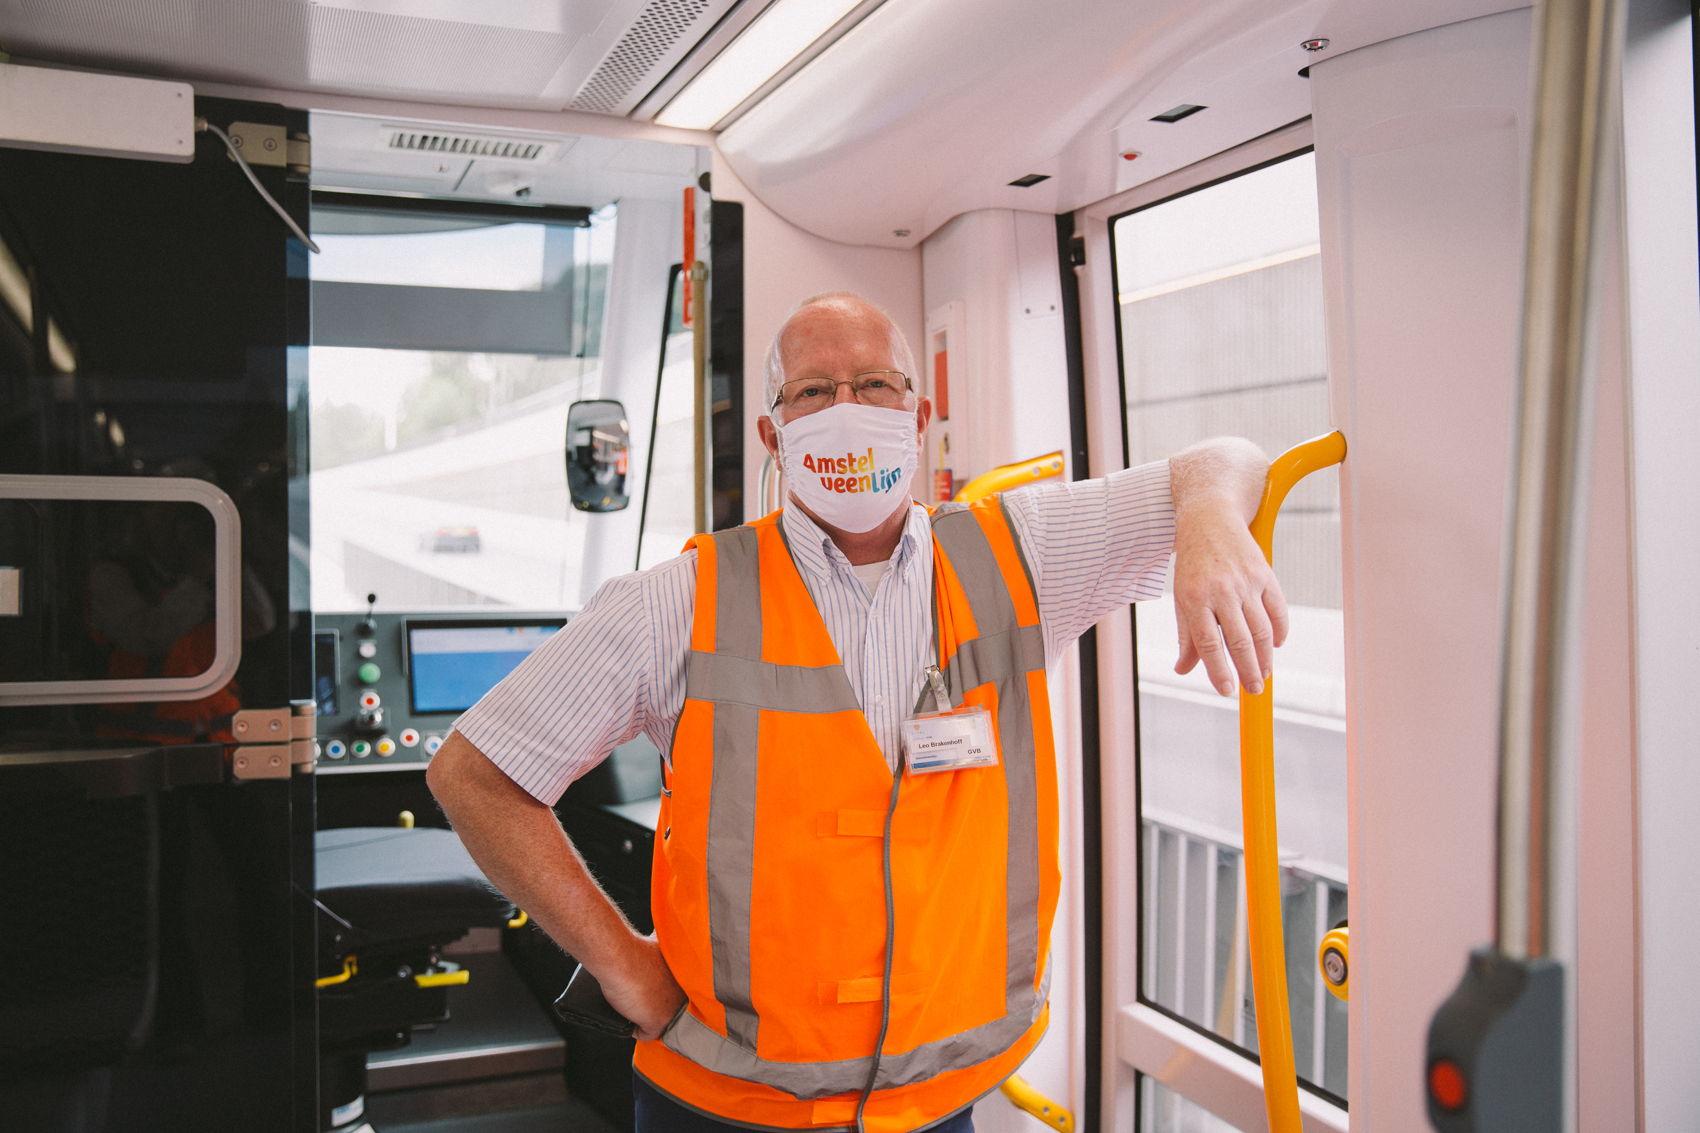 De trambestuurders van GVB hebben er zin in om volop te testen en te oefenen de komende maanden. En ook zij kijken uit naar de officiële start van Lijn 25 op 13 december 2020!